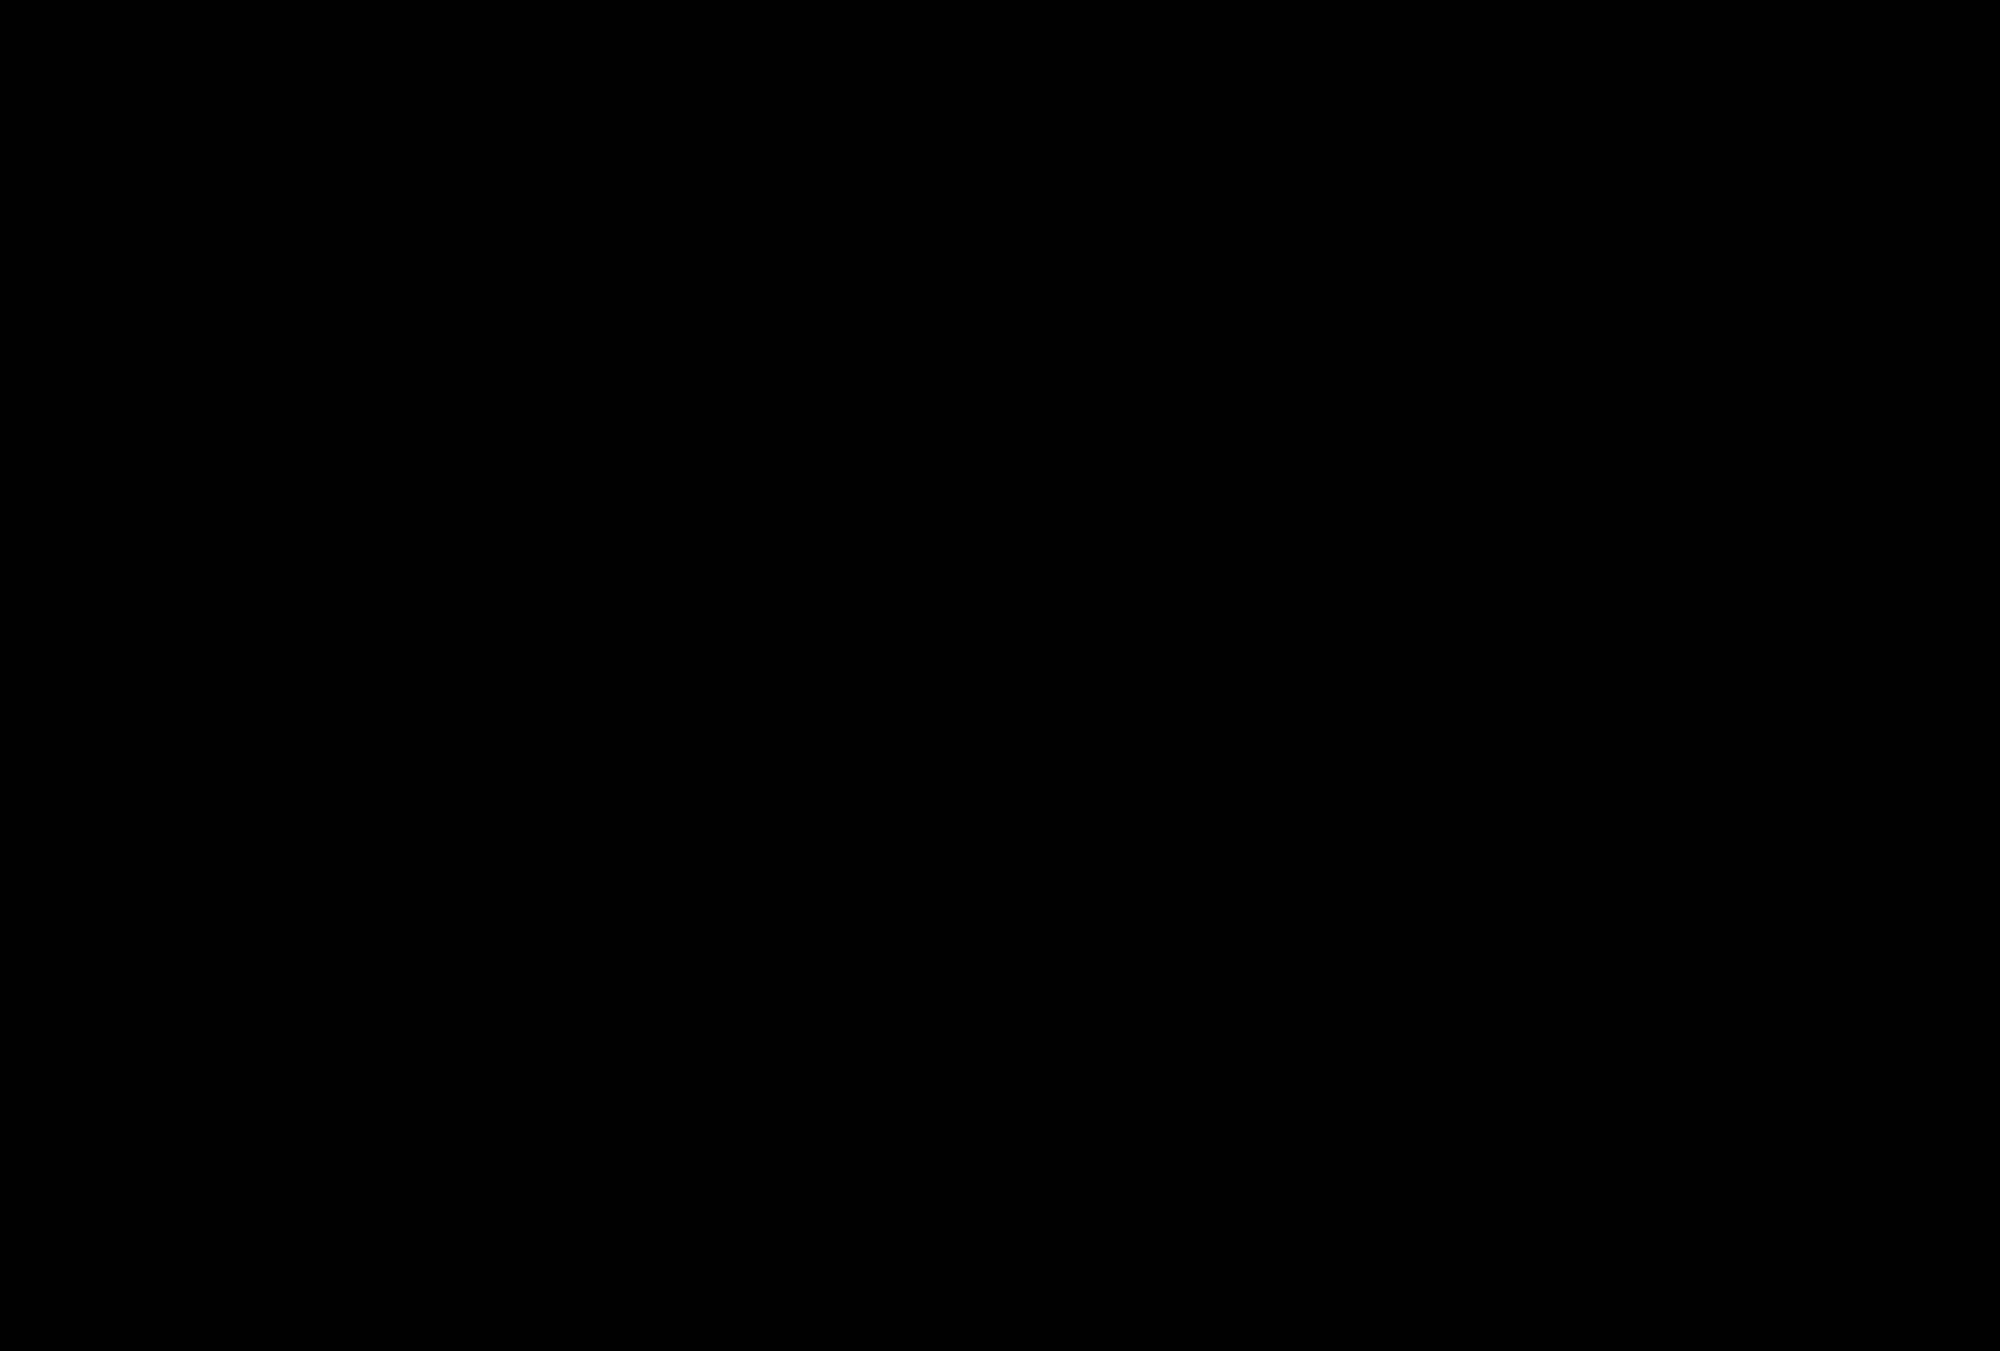 德國運動用品製造商